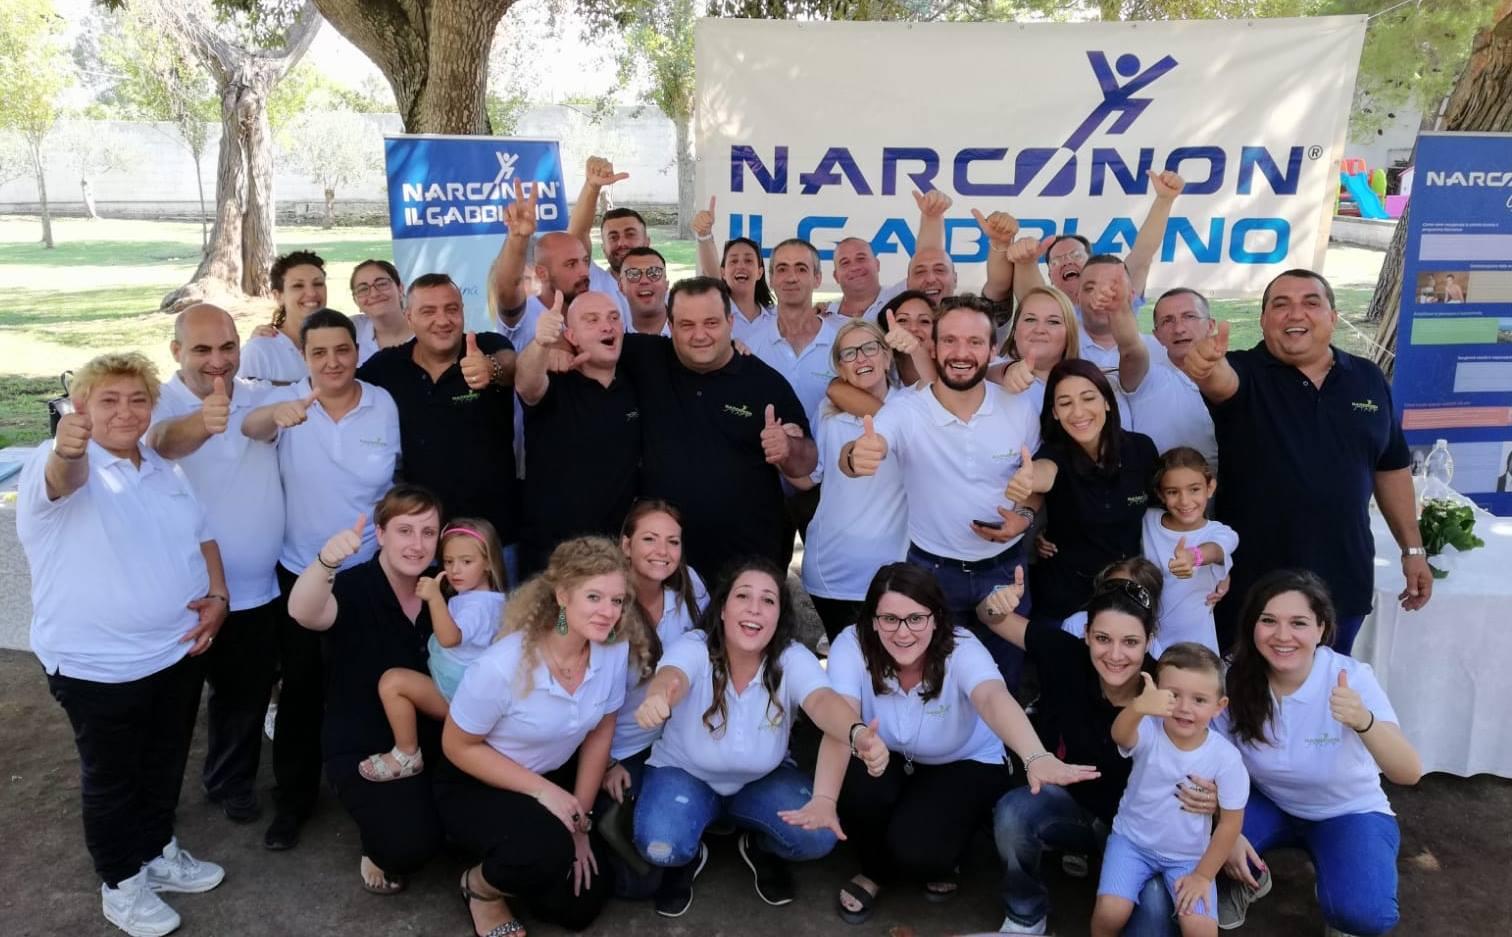 Narconon Gabbiano, XXX anniversario